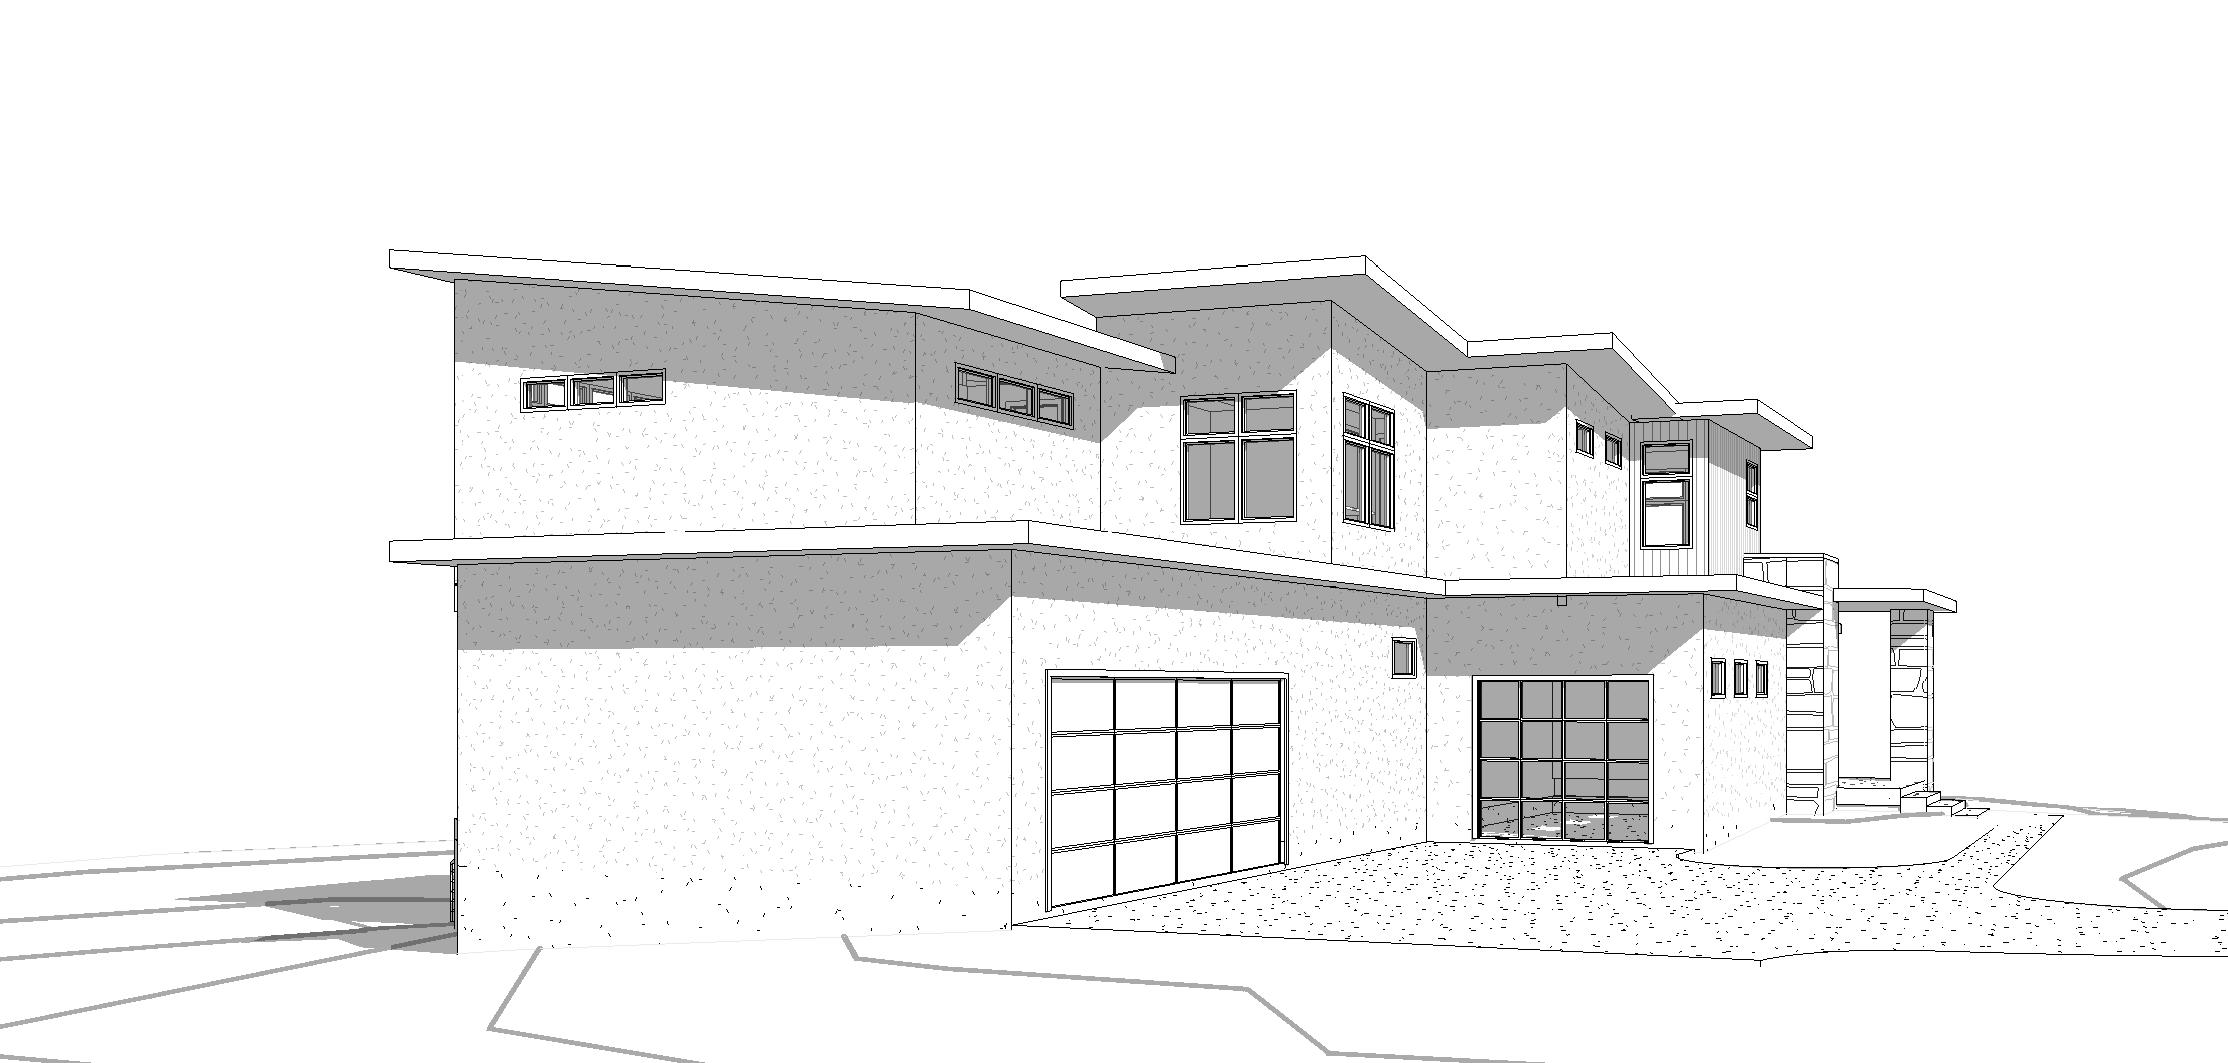 Rickett Scheme 5 - 3D View - 3D View 2.jpg